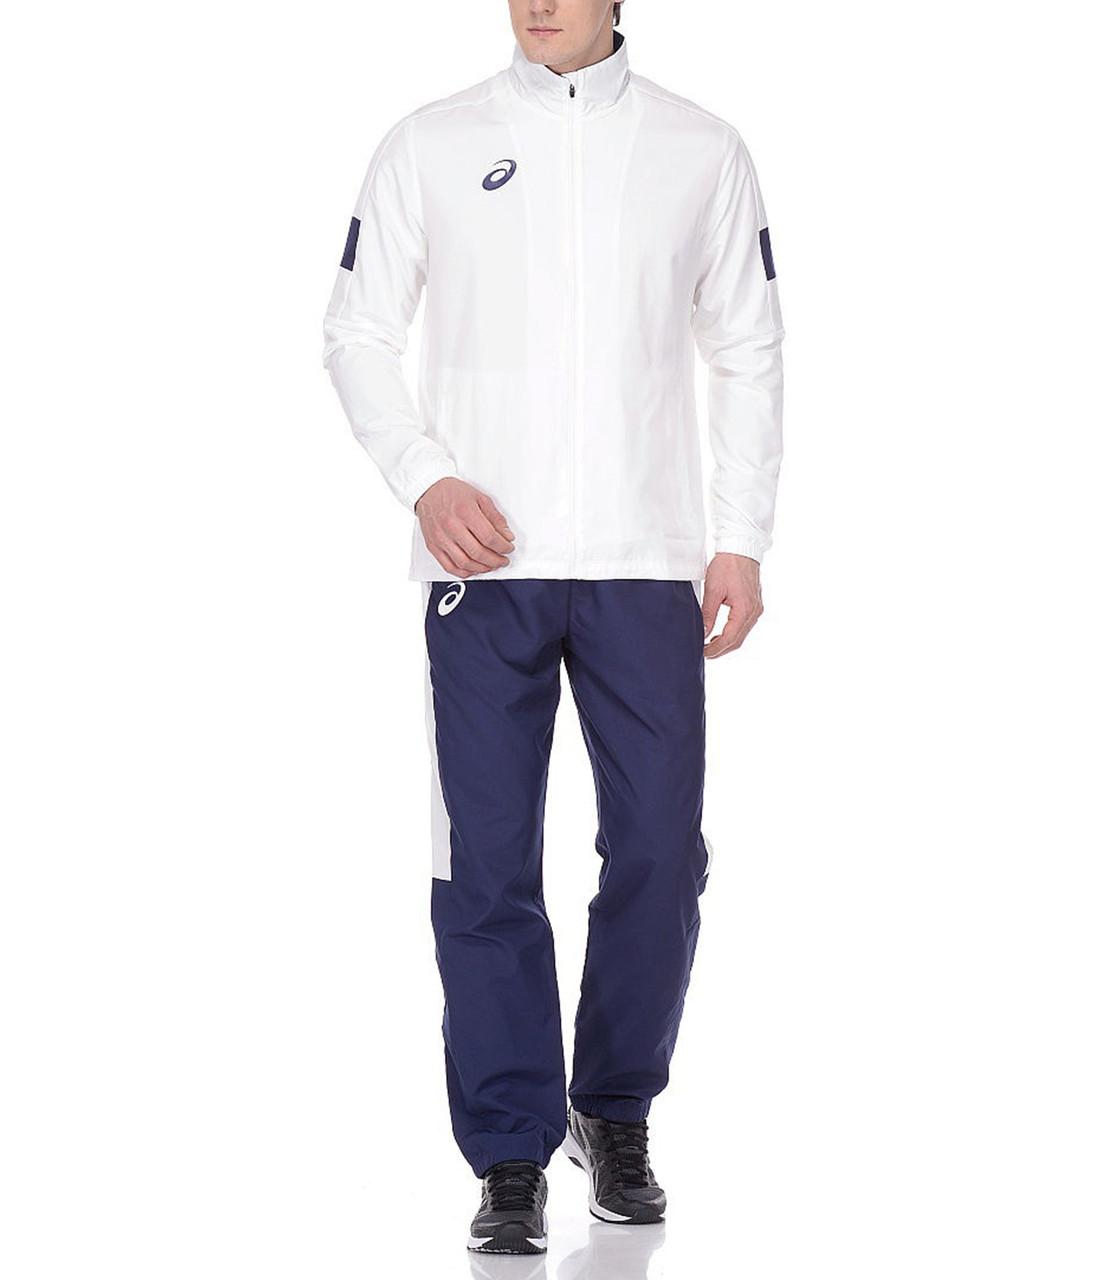 Спортивный костюм Asics Lined Suit 156853 0001